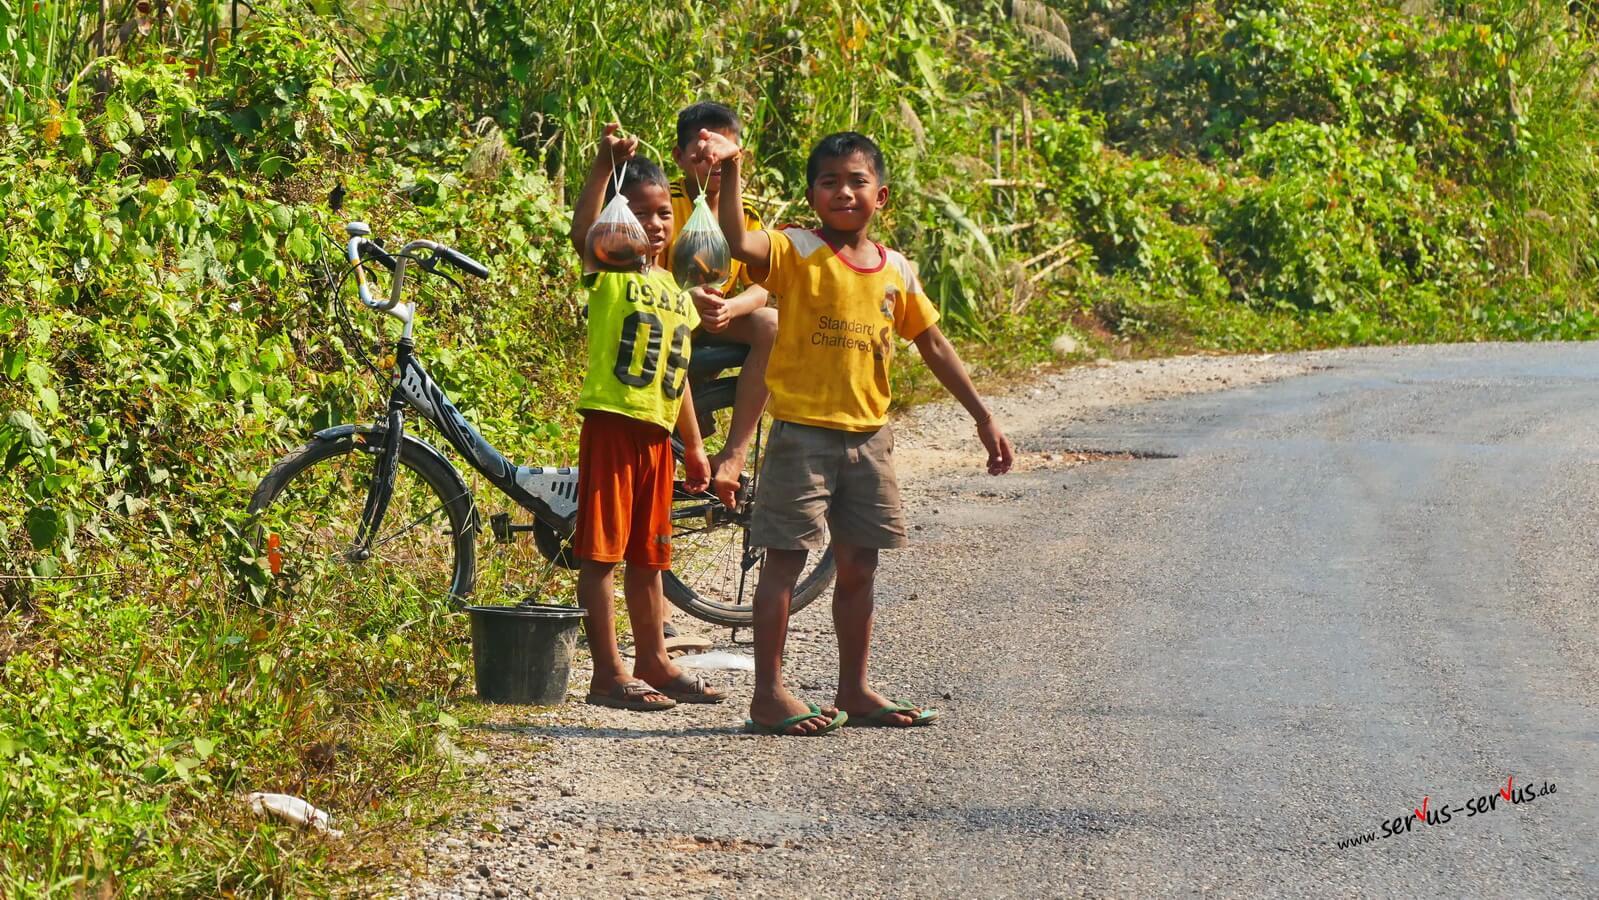 Kinder am Straßenrand verkaufen Fisch